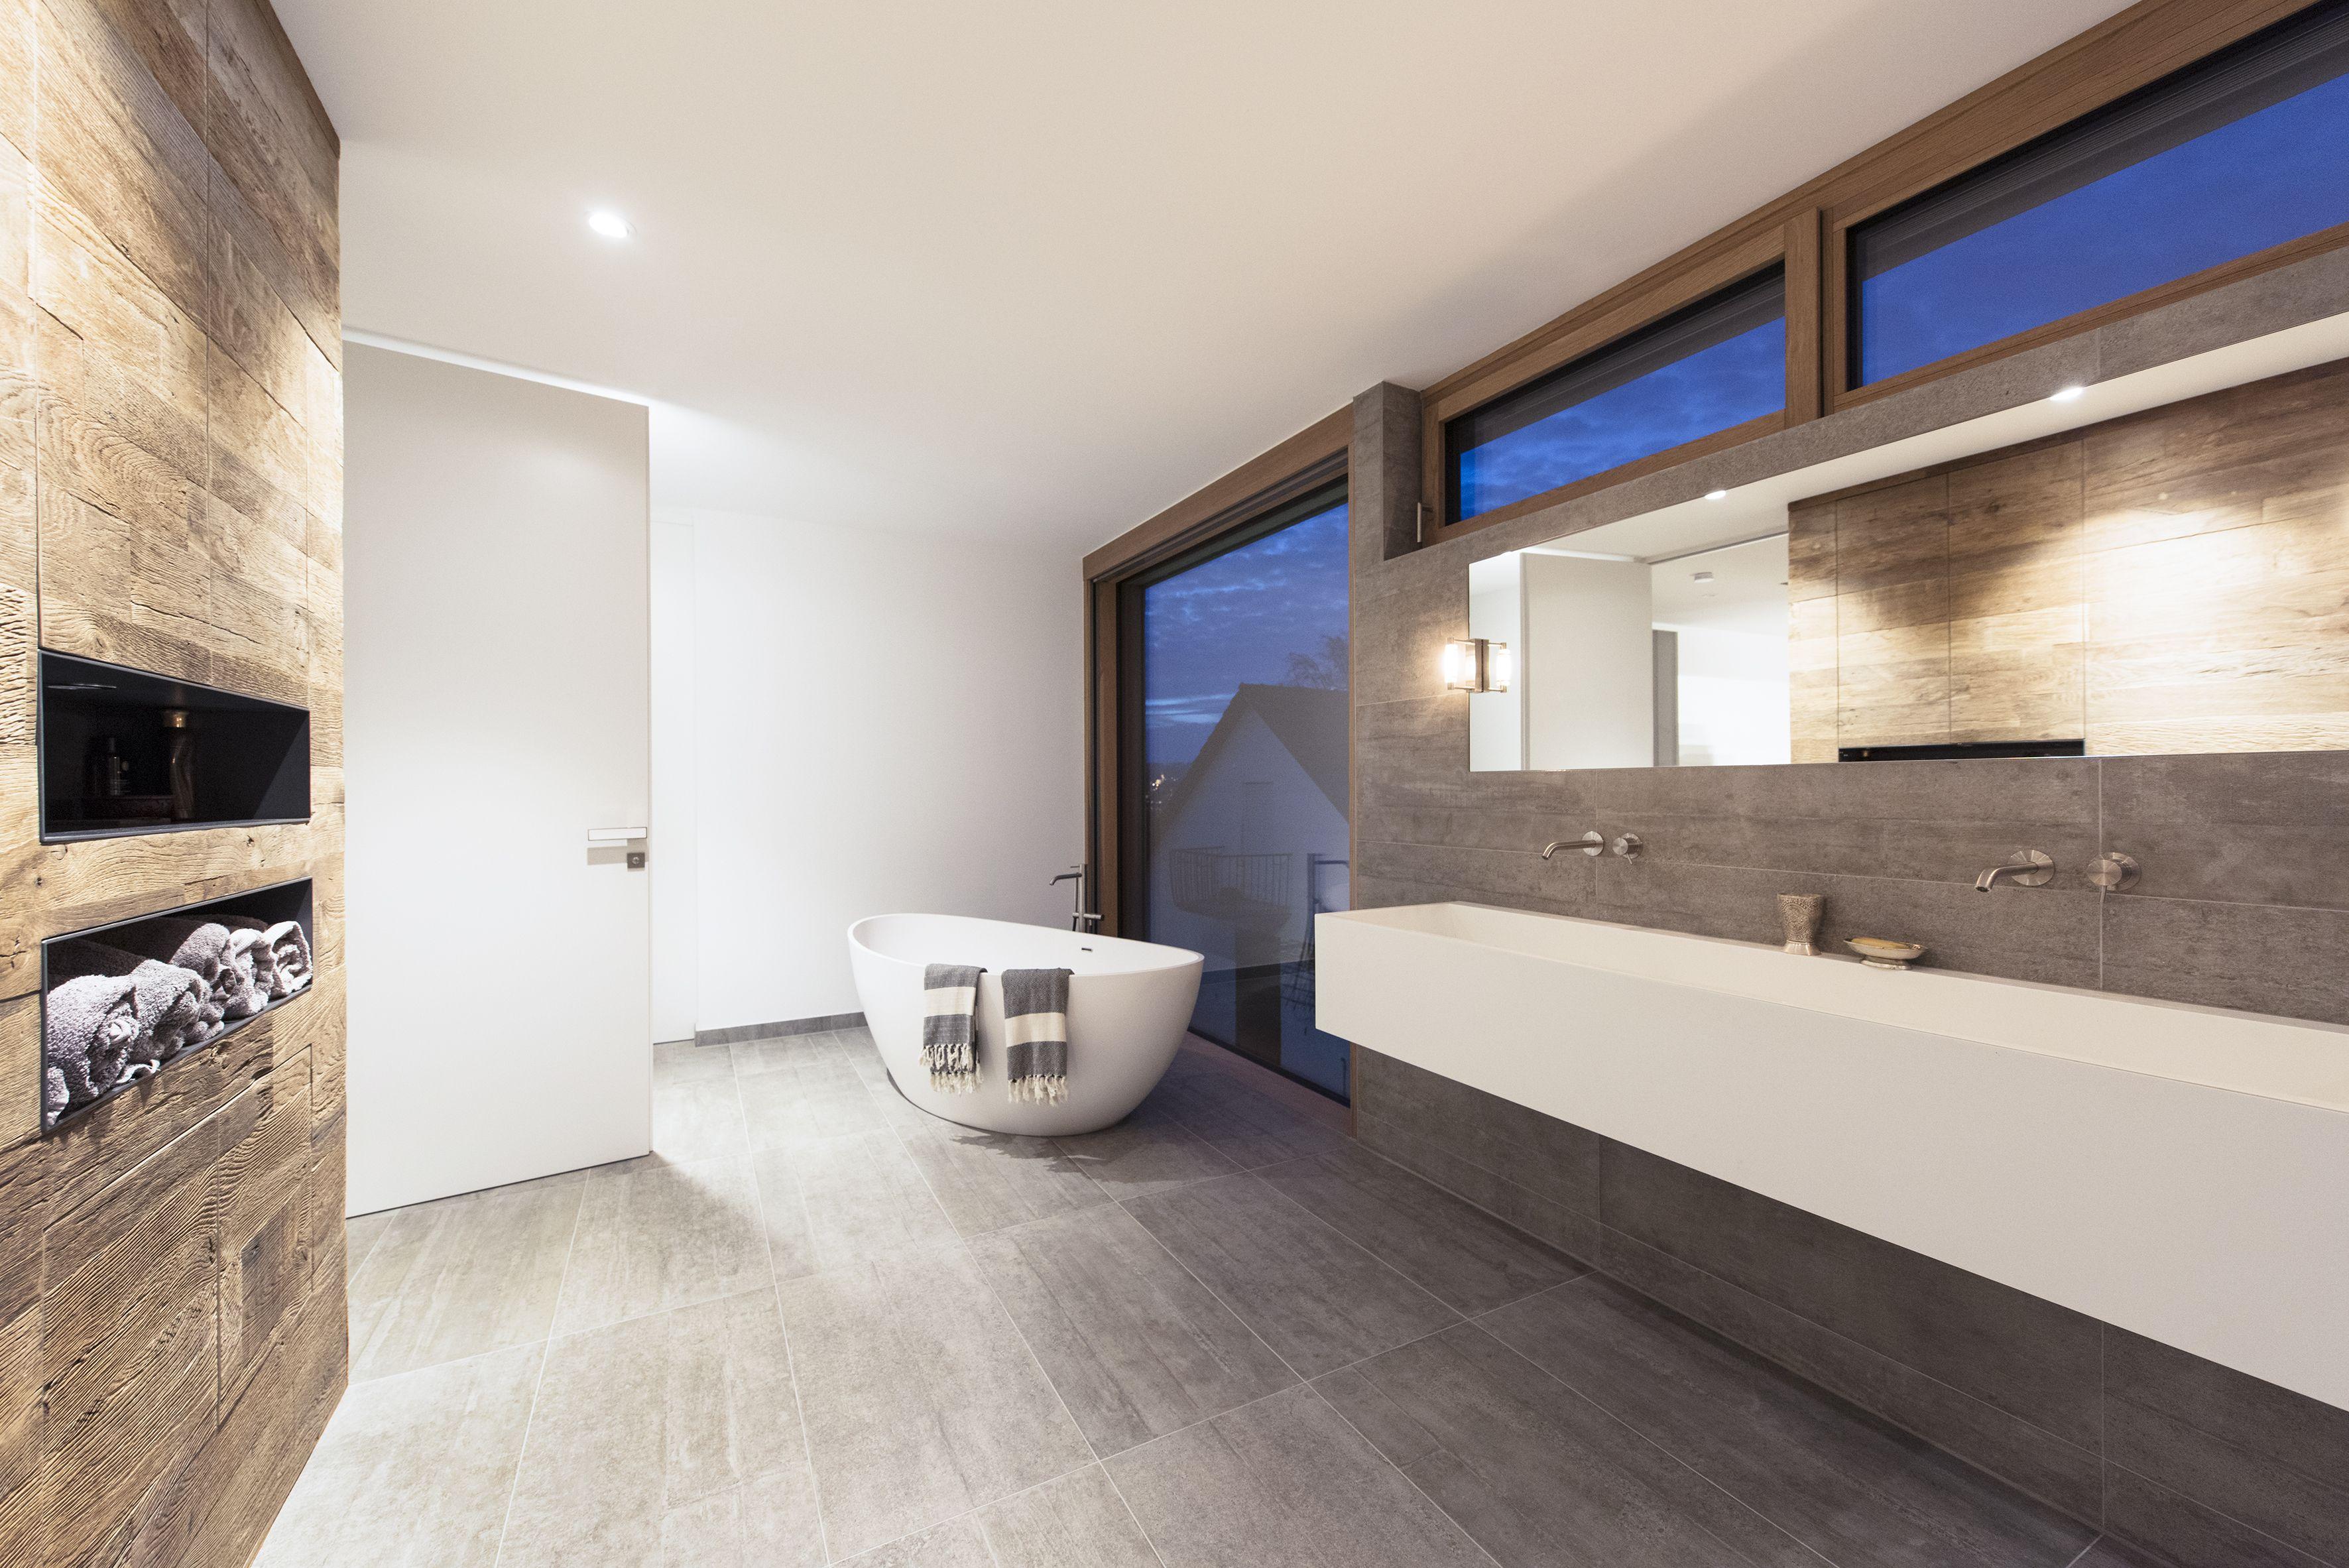 Badezimmer Sauna ~ Individuelles corianwaschbecken dusche sauna badewanne modern